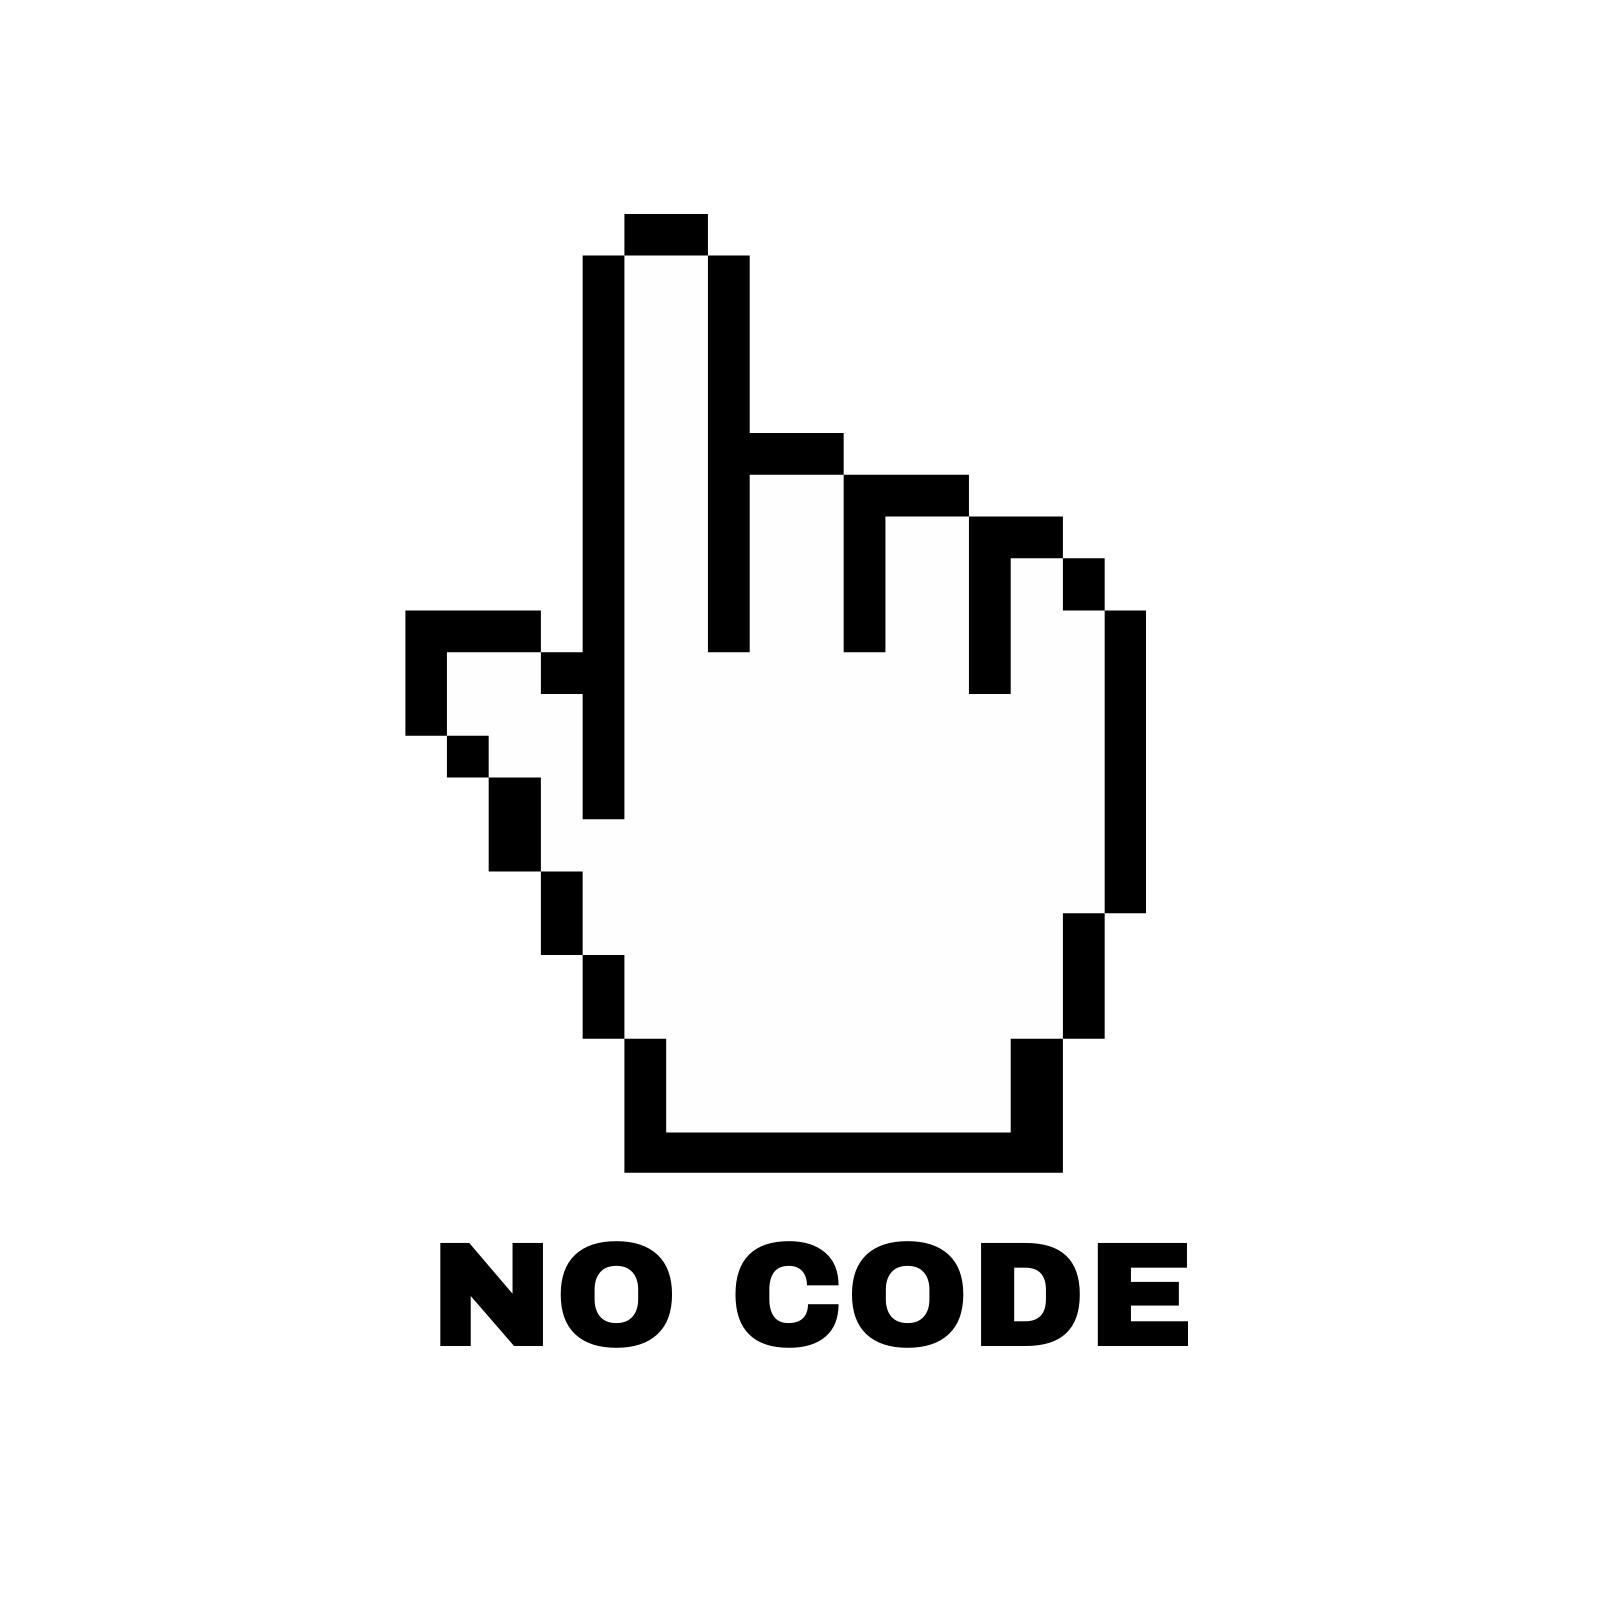 No Code Canada